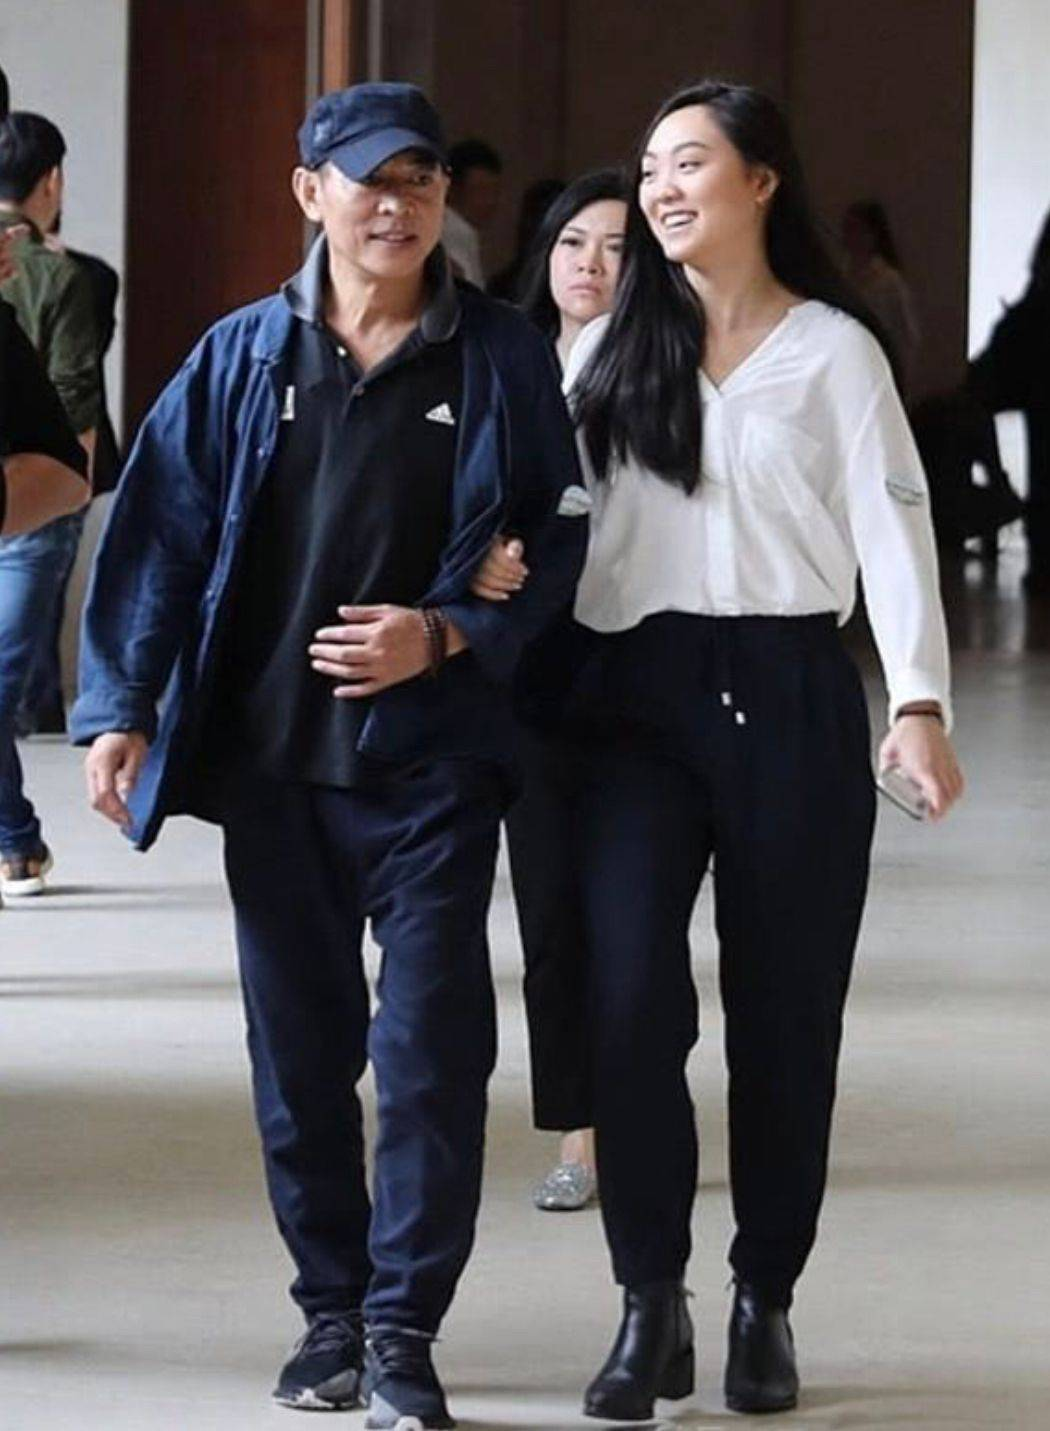 李连杰真老了不少,穿休闲装一脸皱纹,旁边21岁女儿身高也超过他